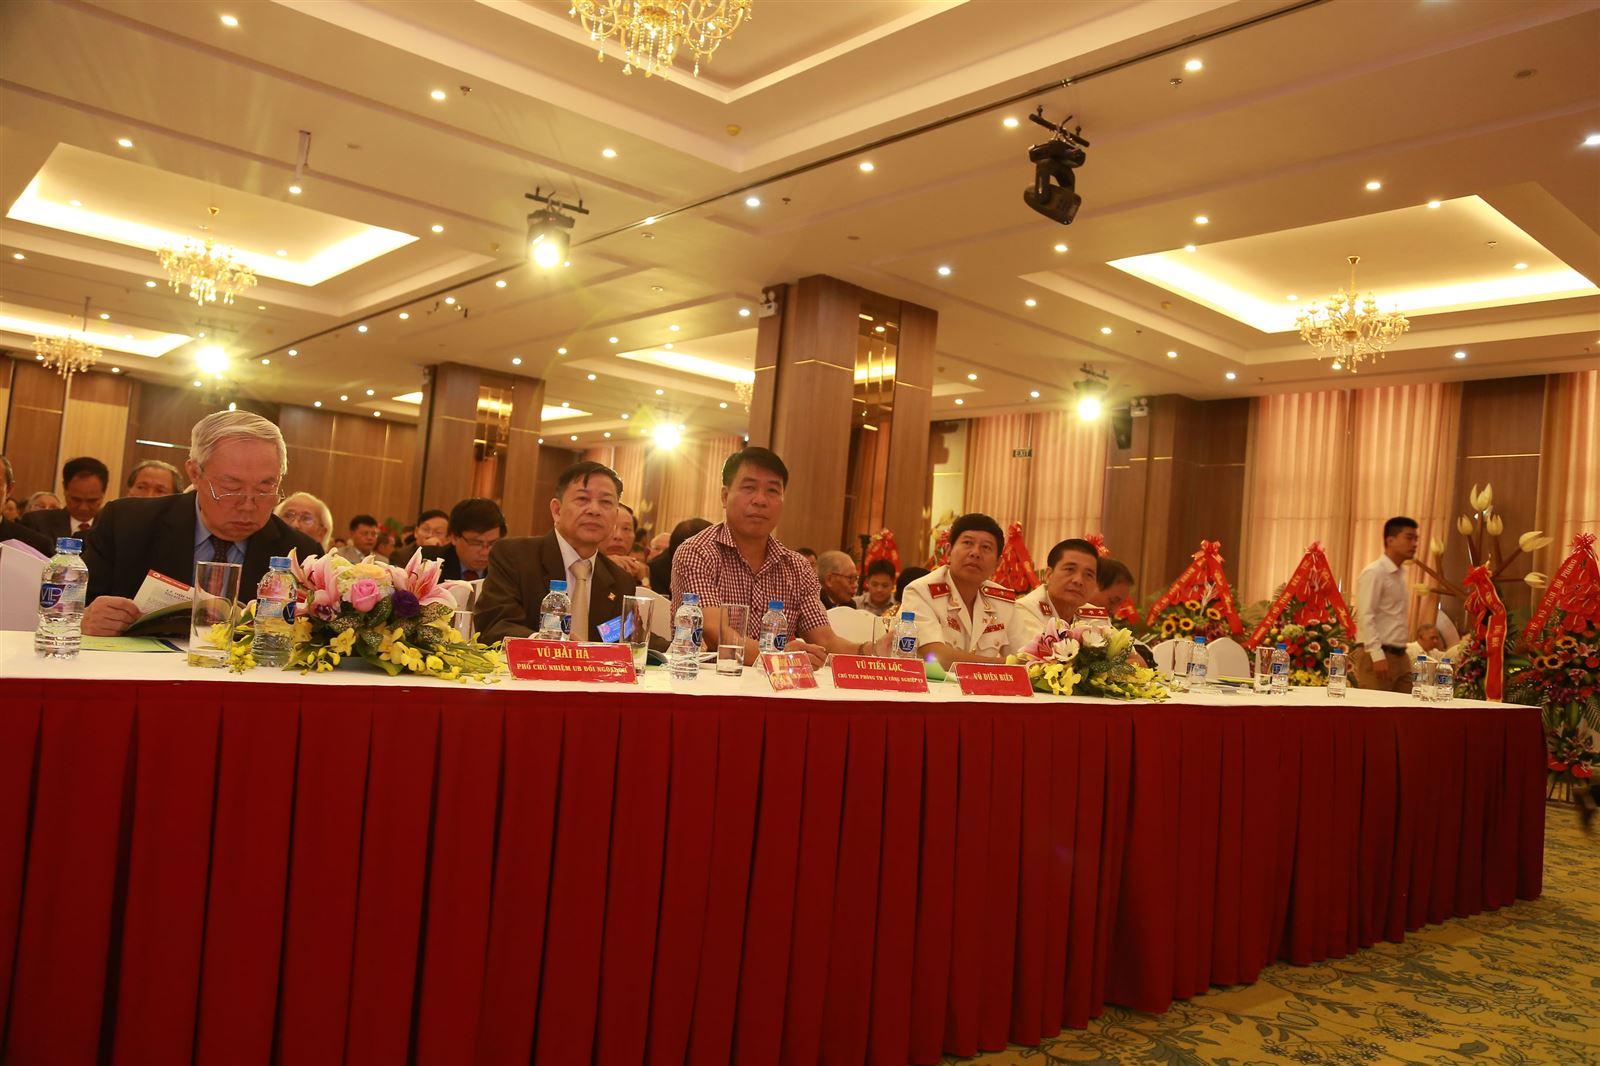 Chủ tịch Hội đồng quản trị kiêm Tổng Giám đốc Vũ Văn Trường cùng các Đại biểu dự Đại hội dòng họ Vũ - Võ Thủ đô Hà Nội